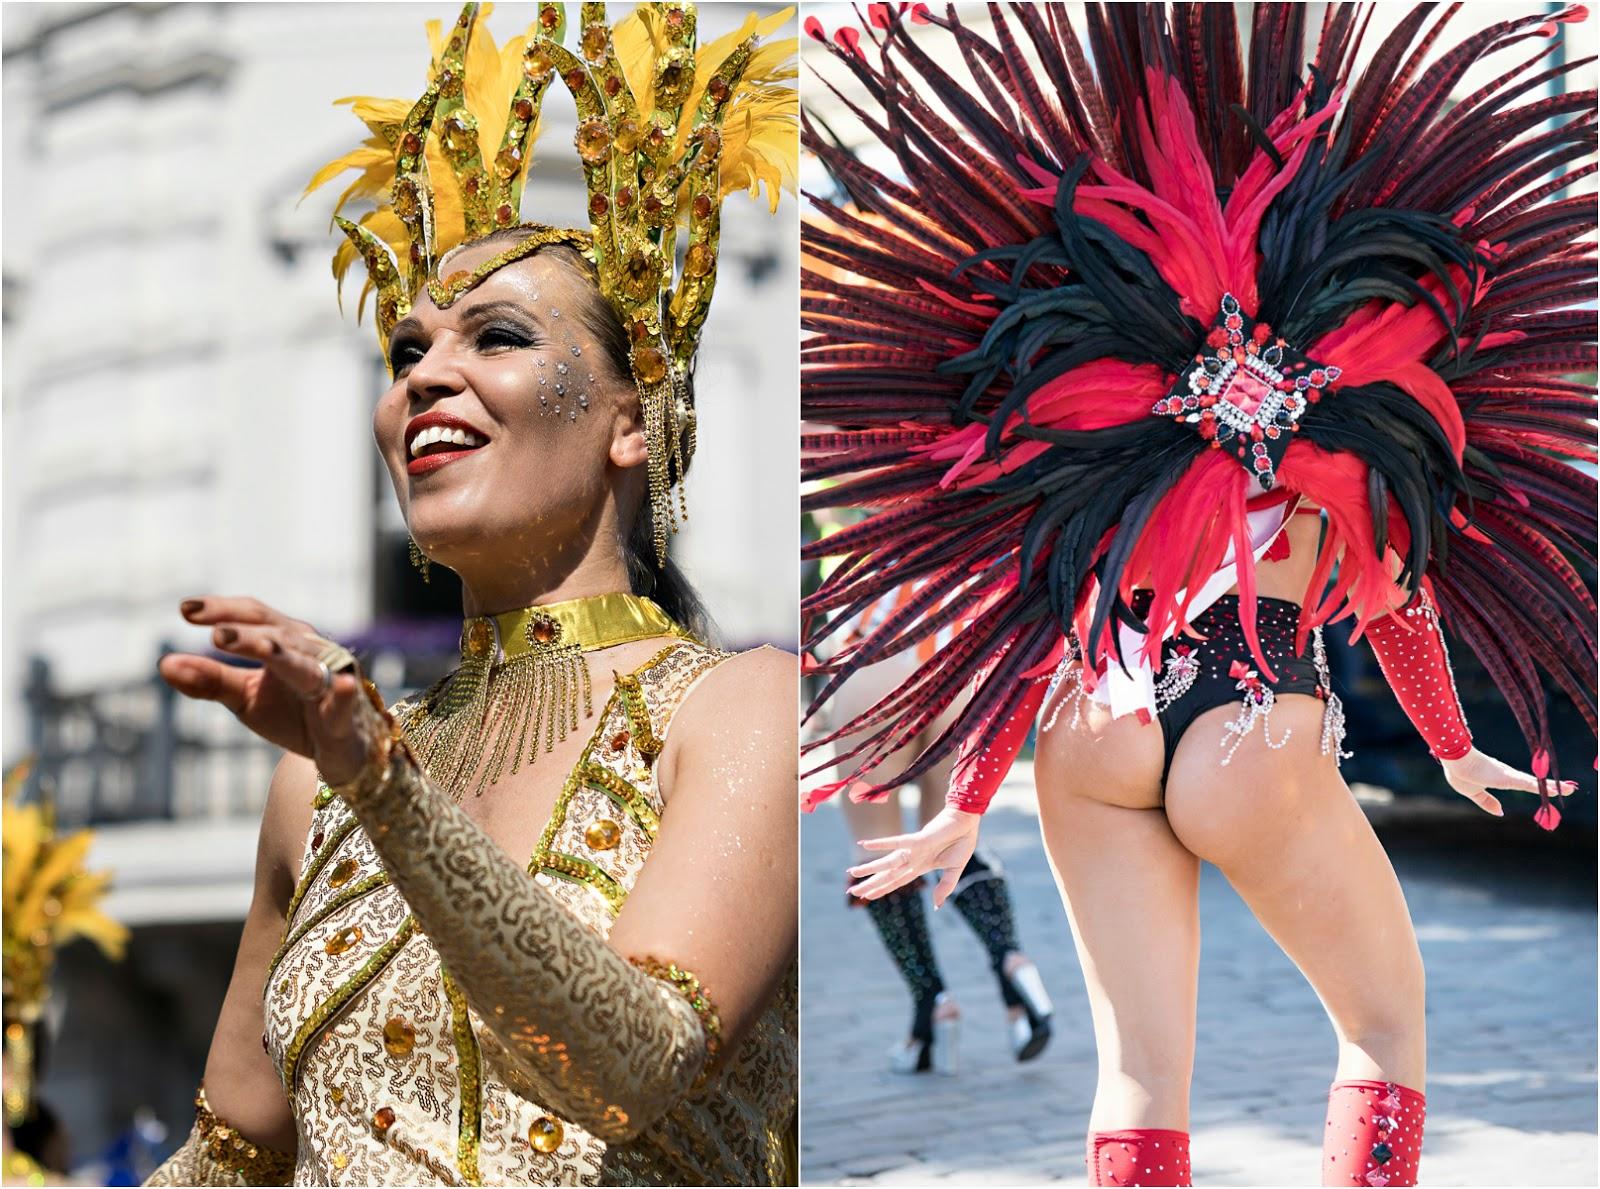 Helsingin Sambakarnevaali, 2019, Helsinki, Sambakulkue, Samba, valokuvaus, valokuvaaja, Frida Steiner, Visualaddict, visualaddictfrida, tanssi, kulkue, visithelsinki, tapahtuma, kesäkuu 2019, kesäkuu